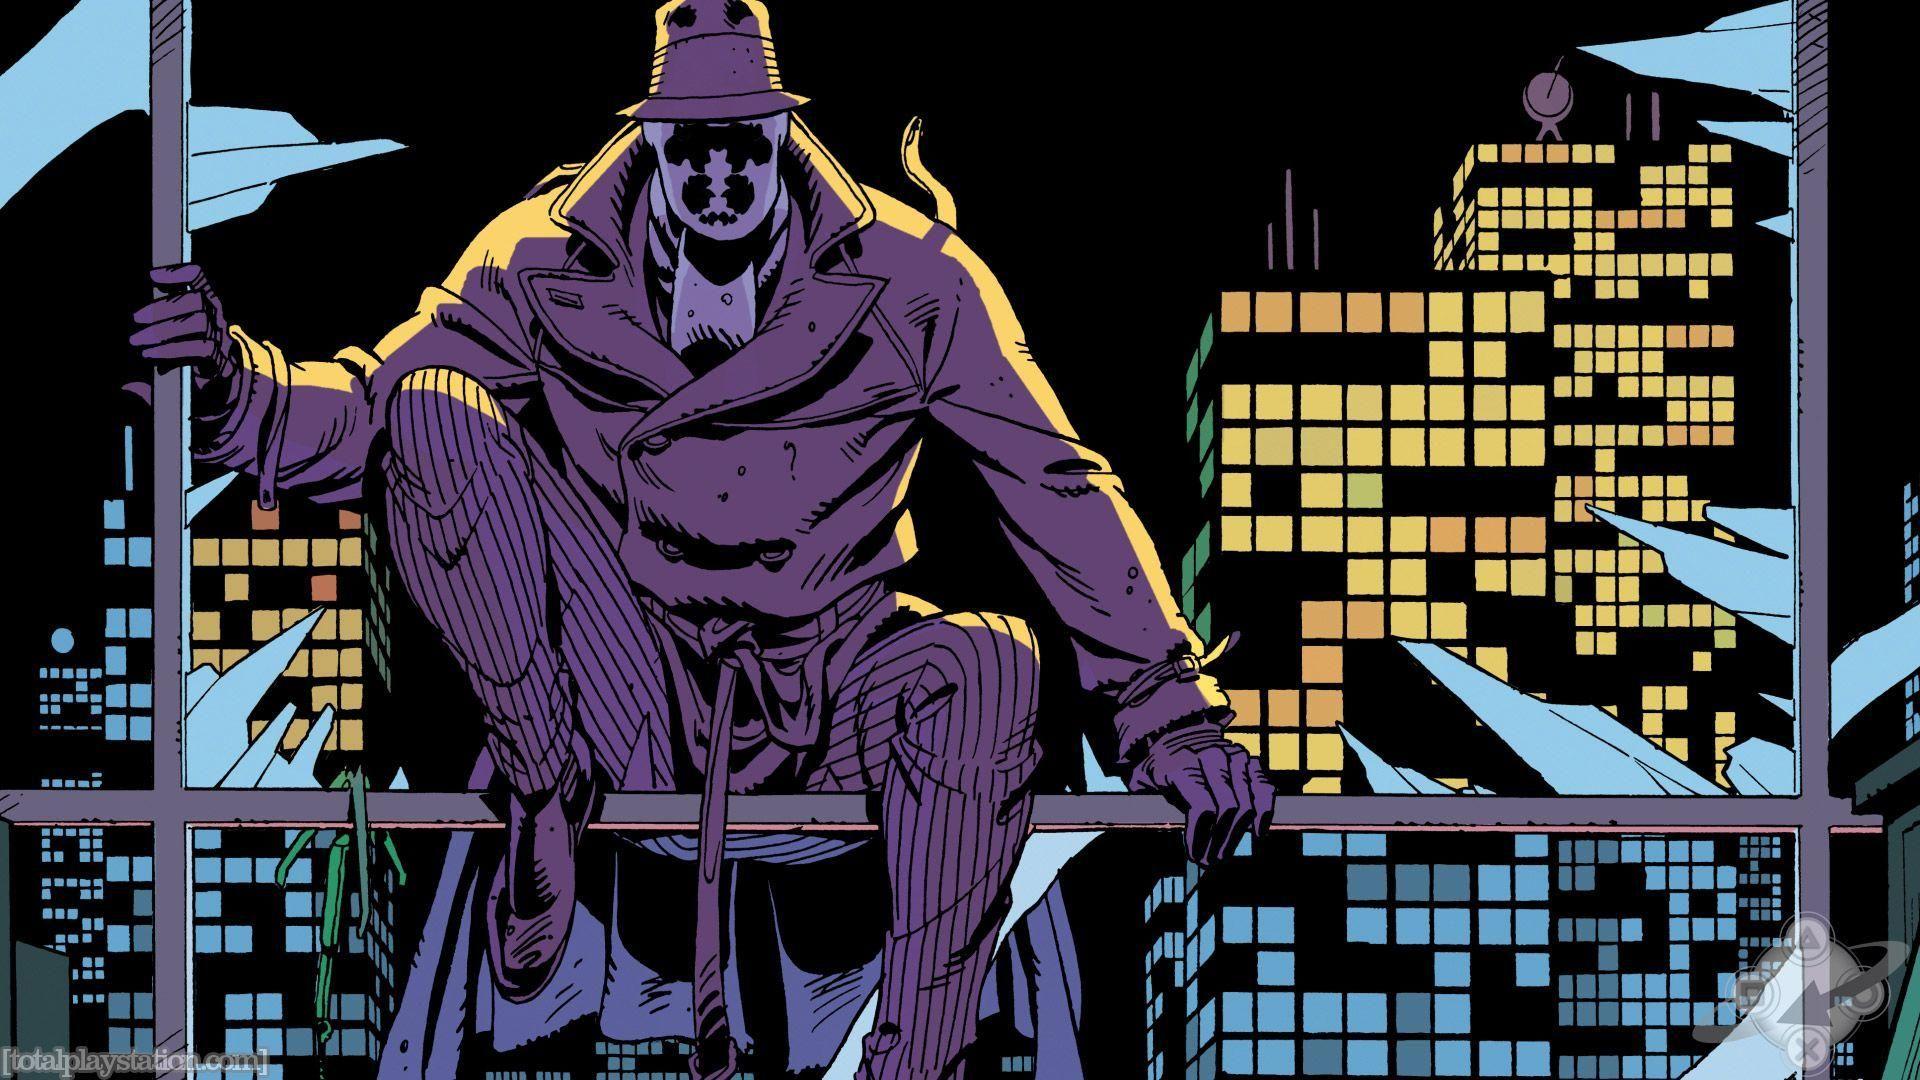 The Watchmen Wallpaper Wallpapers 2020 Rorschach Watchmen Rorschach Watchmen